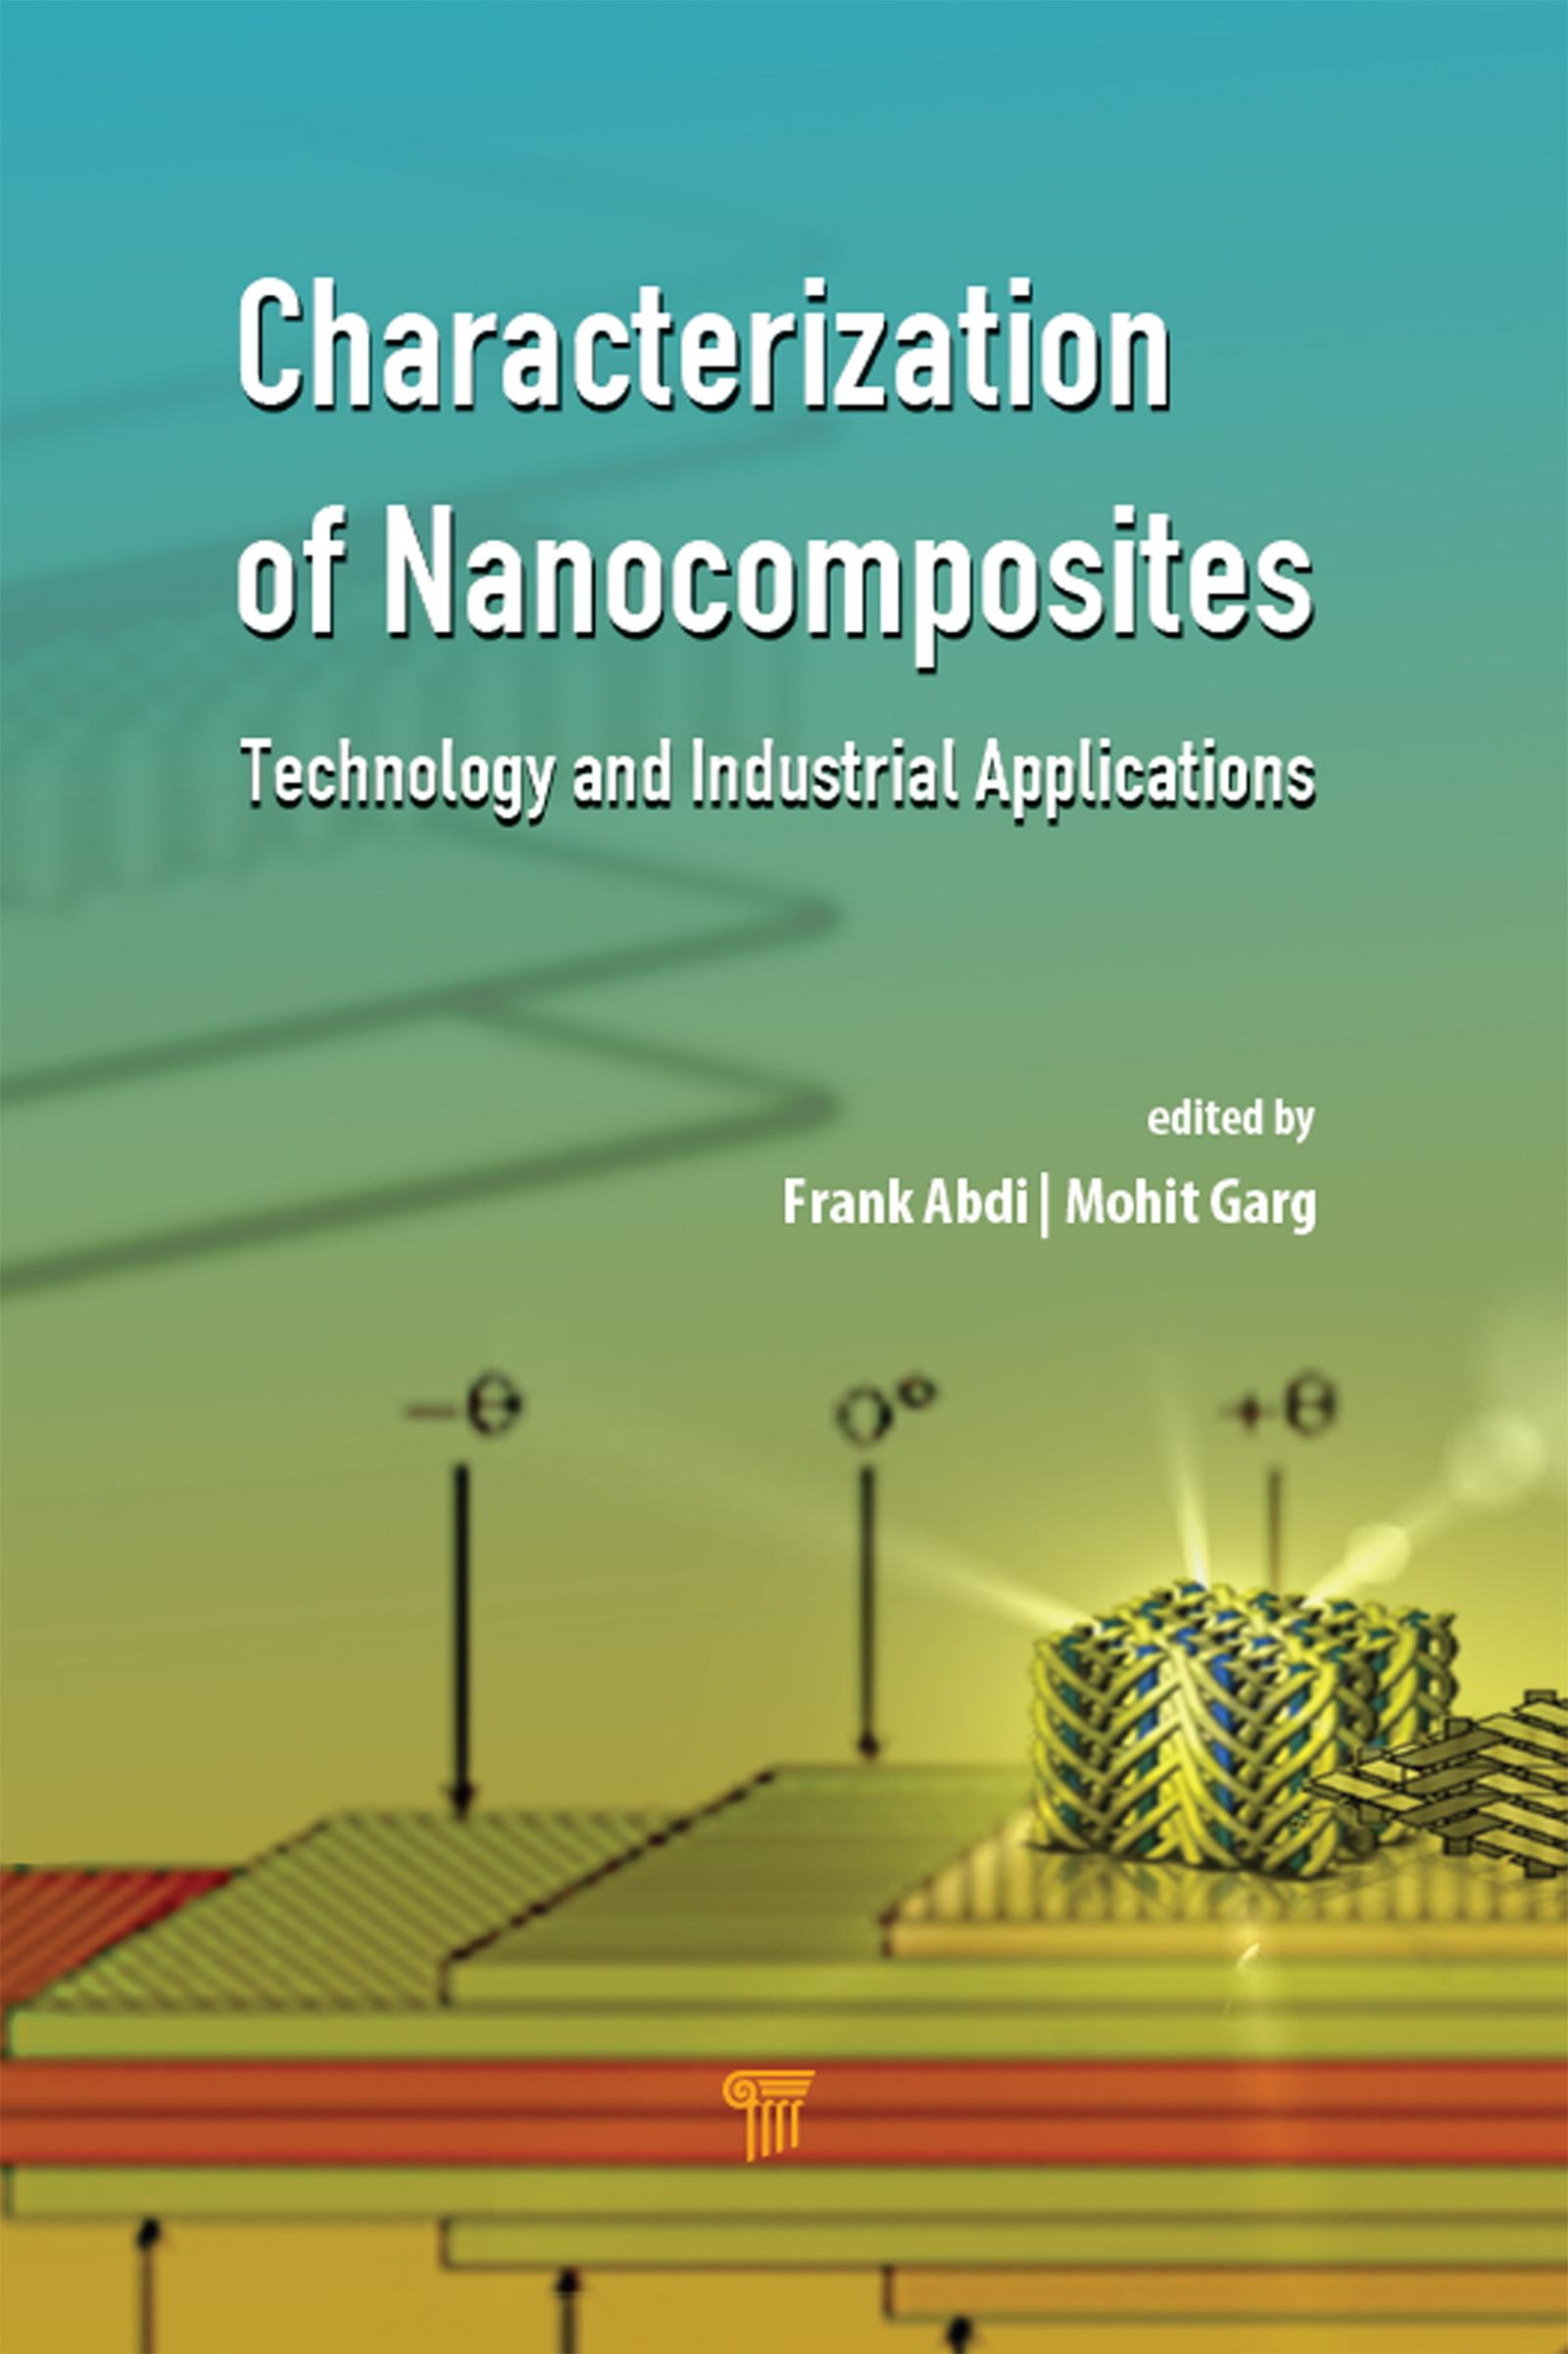 Characterization of Nanocomposites